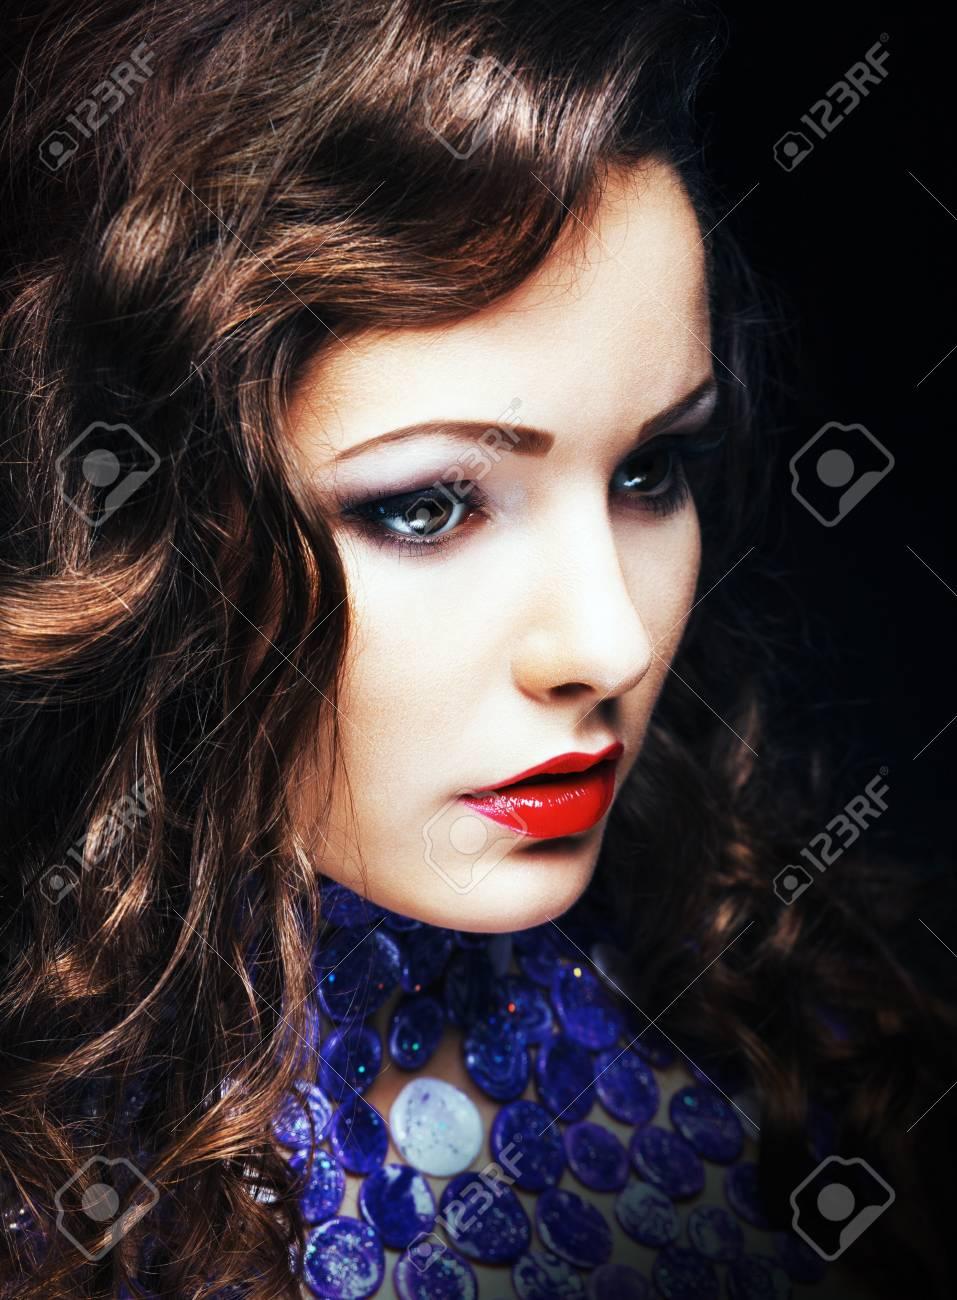 Charming Romantic Brunette Woman Closeup Portrait Stock Photo - 17288340